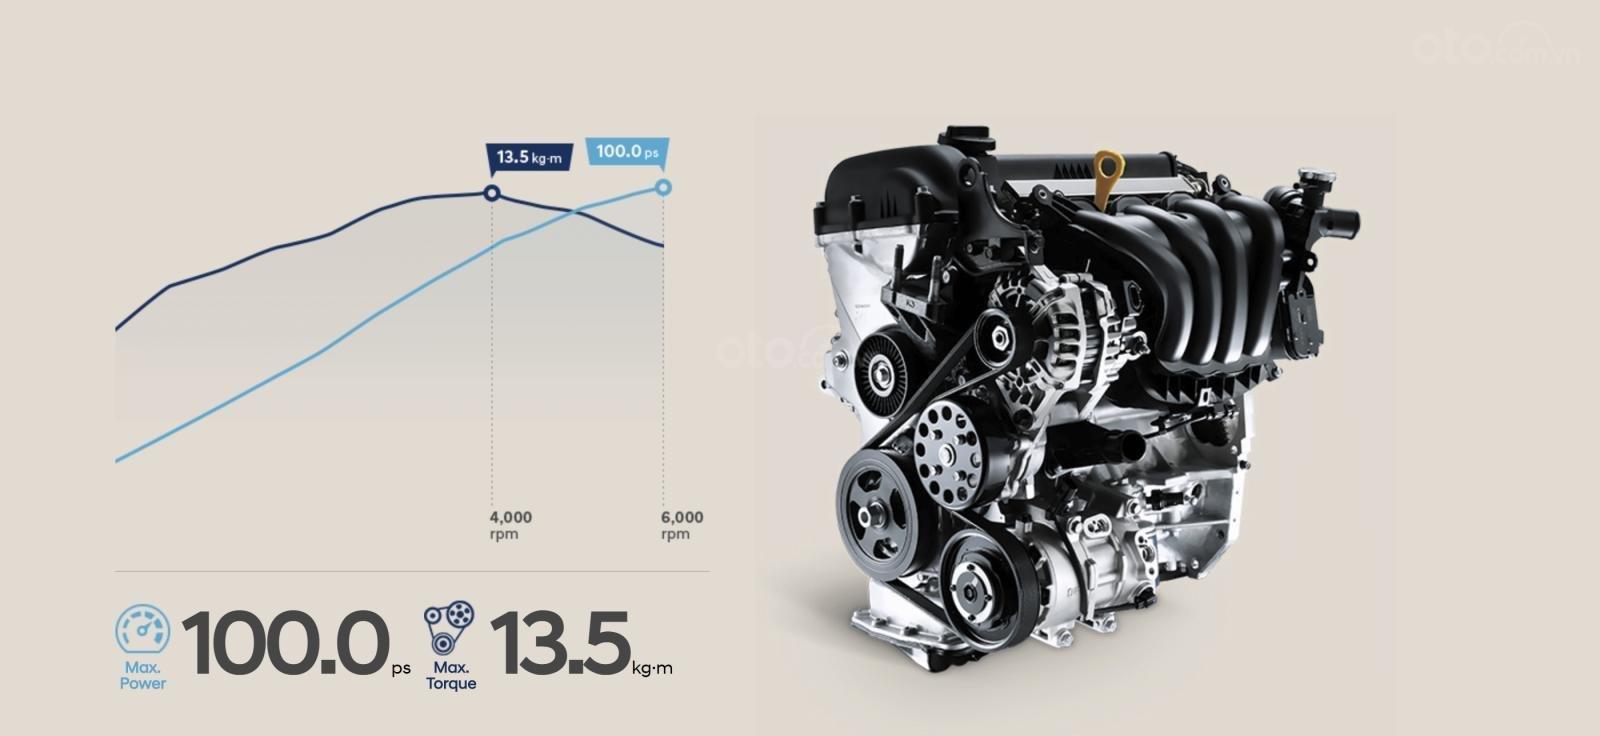 Hyundai Accent 2019 được trang bị động cơ 1.4L MPi, có công suất tối đa 100 mã lực a2